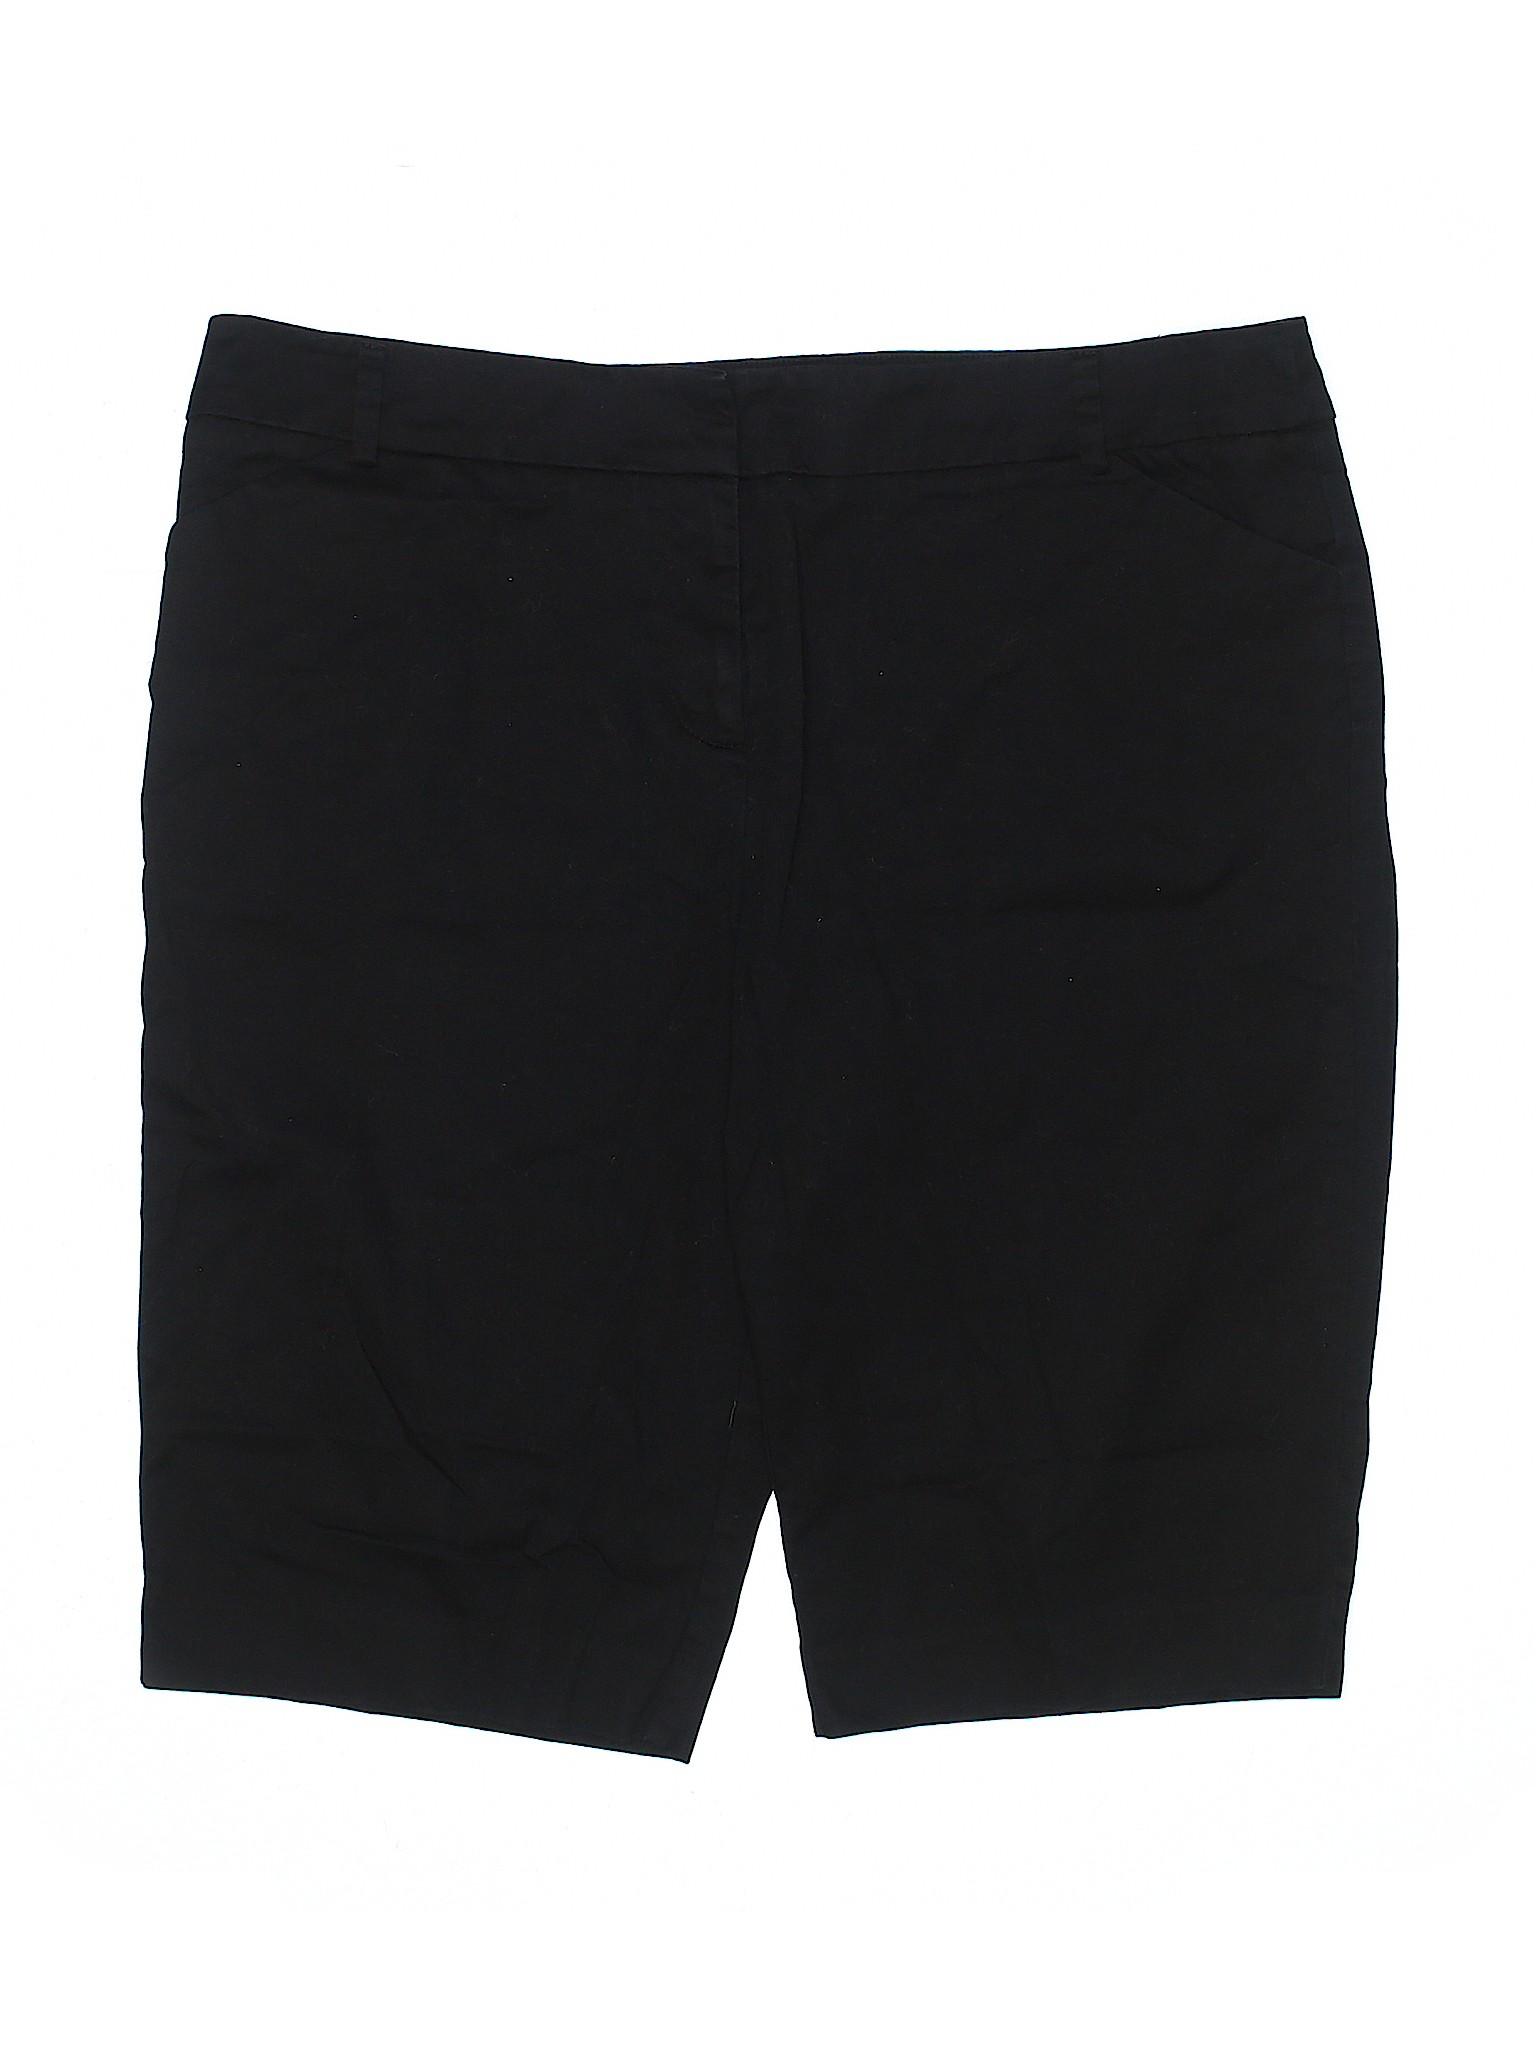 New Shorts Avenue winter Boutique Design amp; Studio Khaki Company York 7th vBOqqExwX